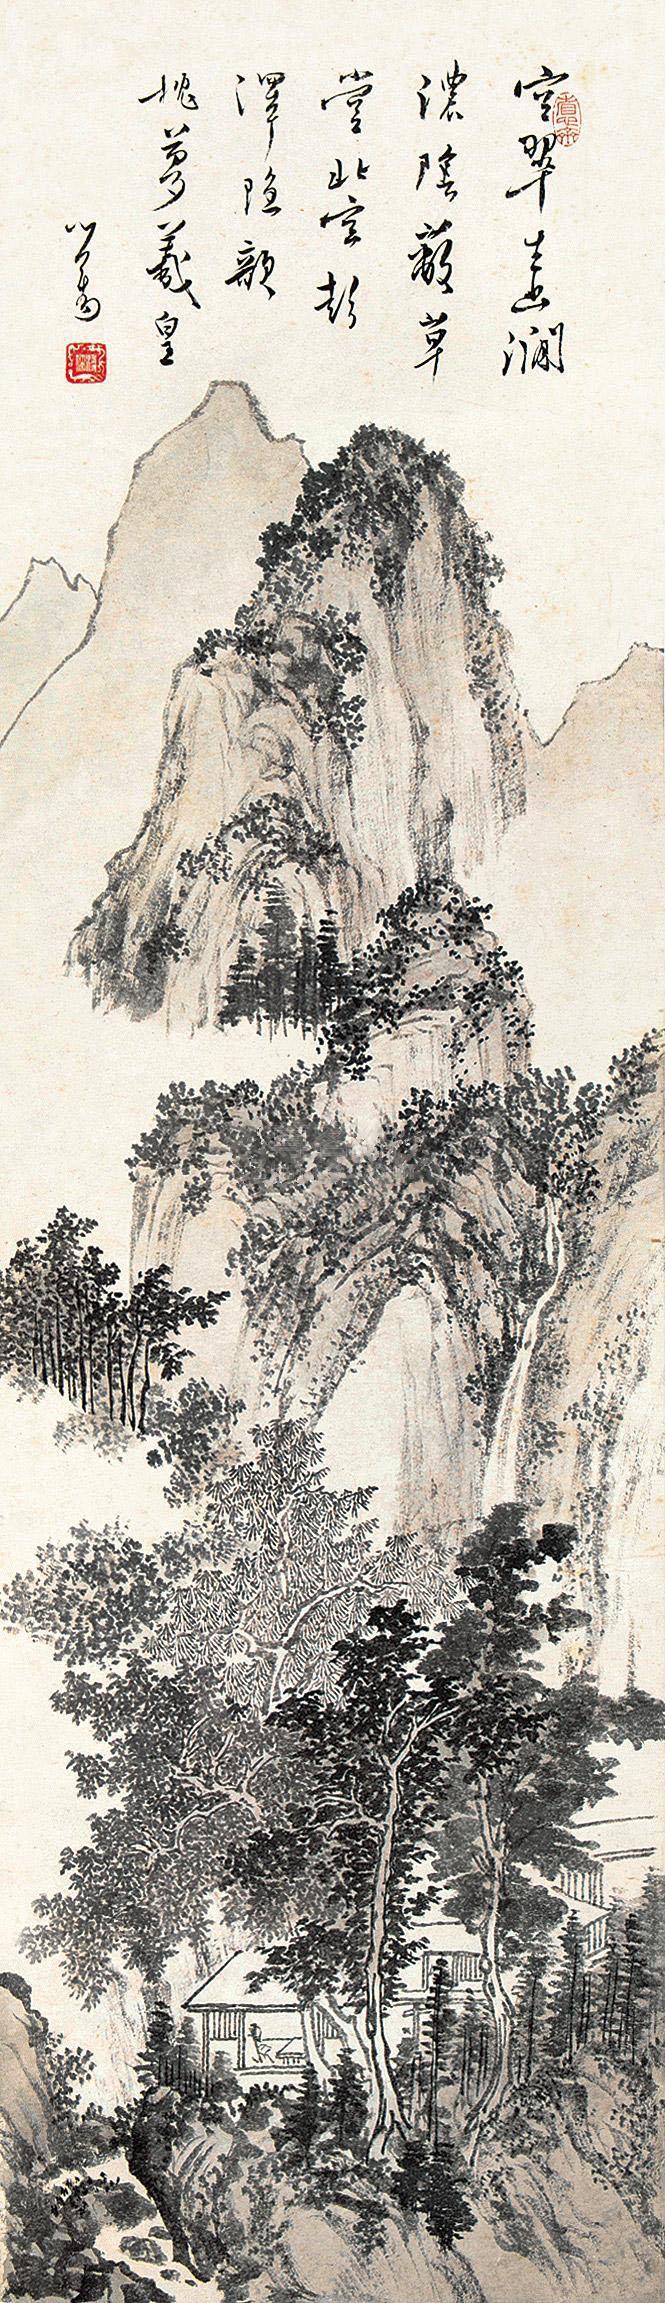 溥儒 山林幽居 镜片 水墨纸本作品欣赏